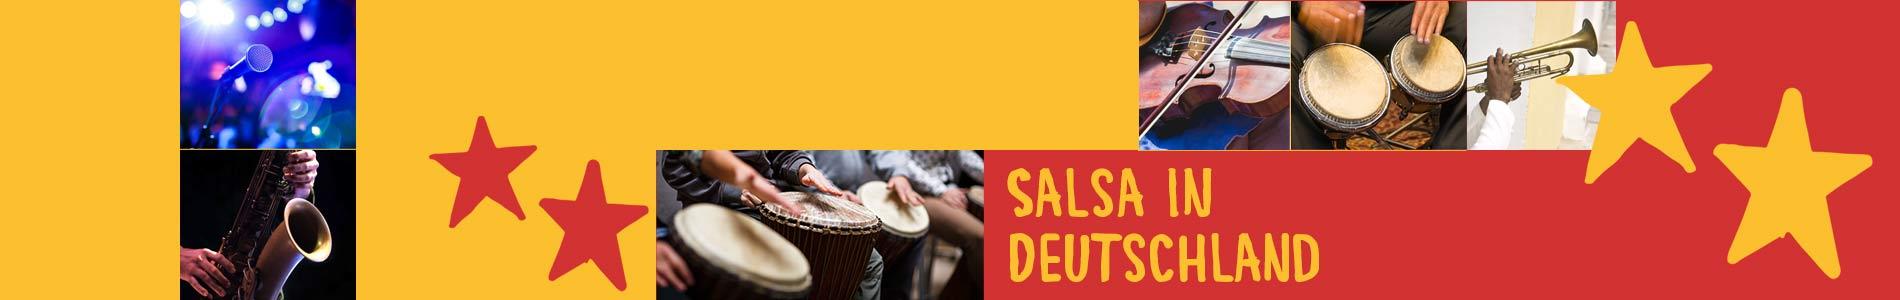 Salsa in Brüsewitz – Salsa lernen und tanzen, Tanzkurse, Partys, Veranstaltungen